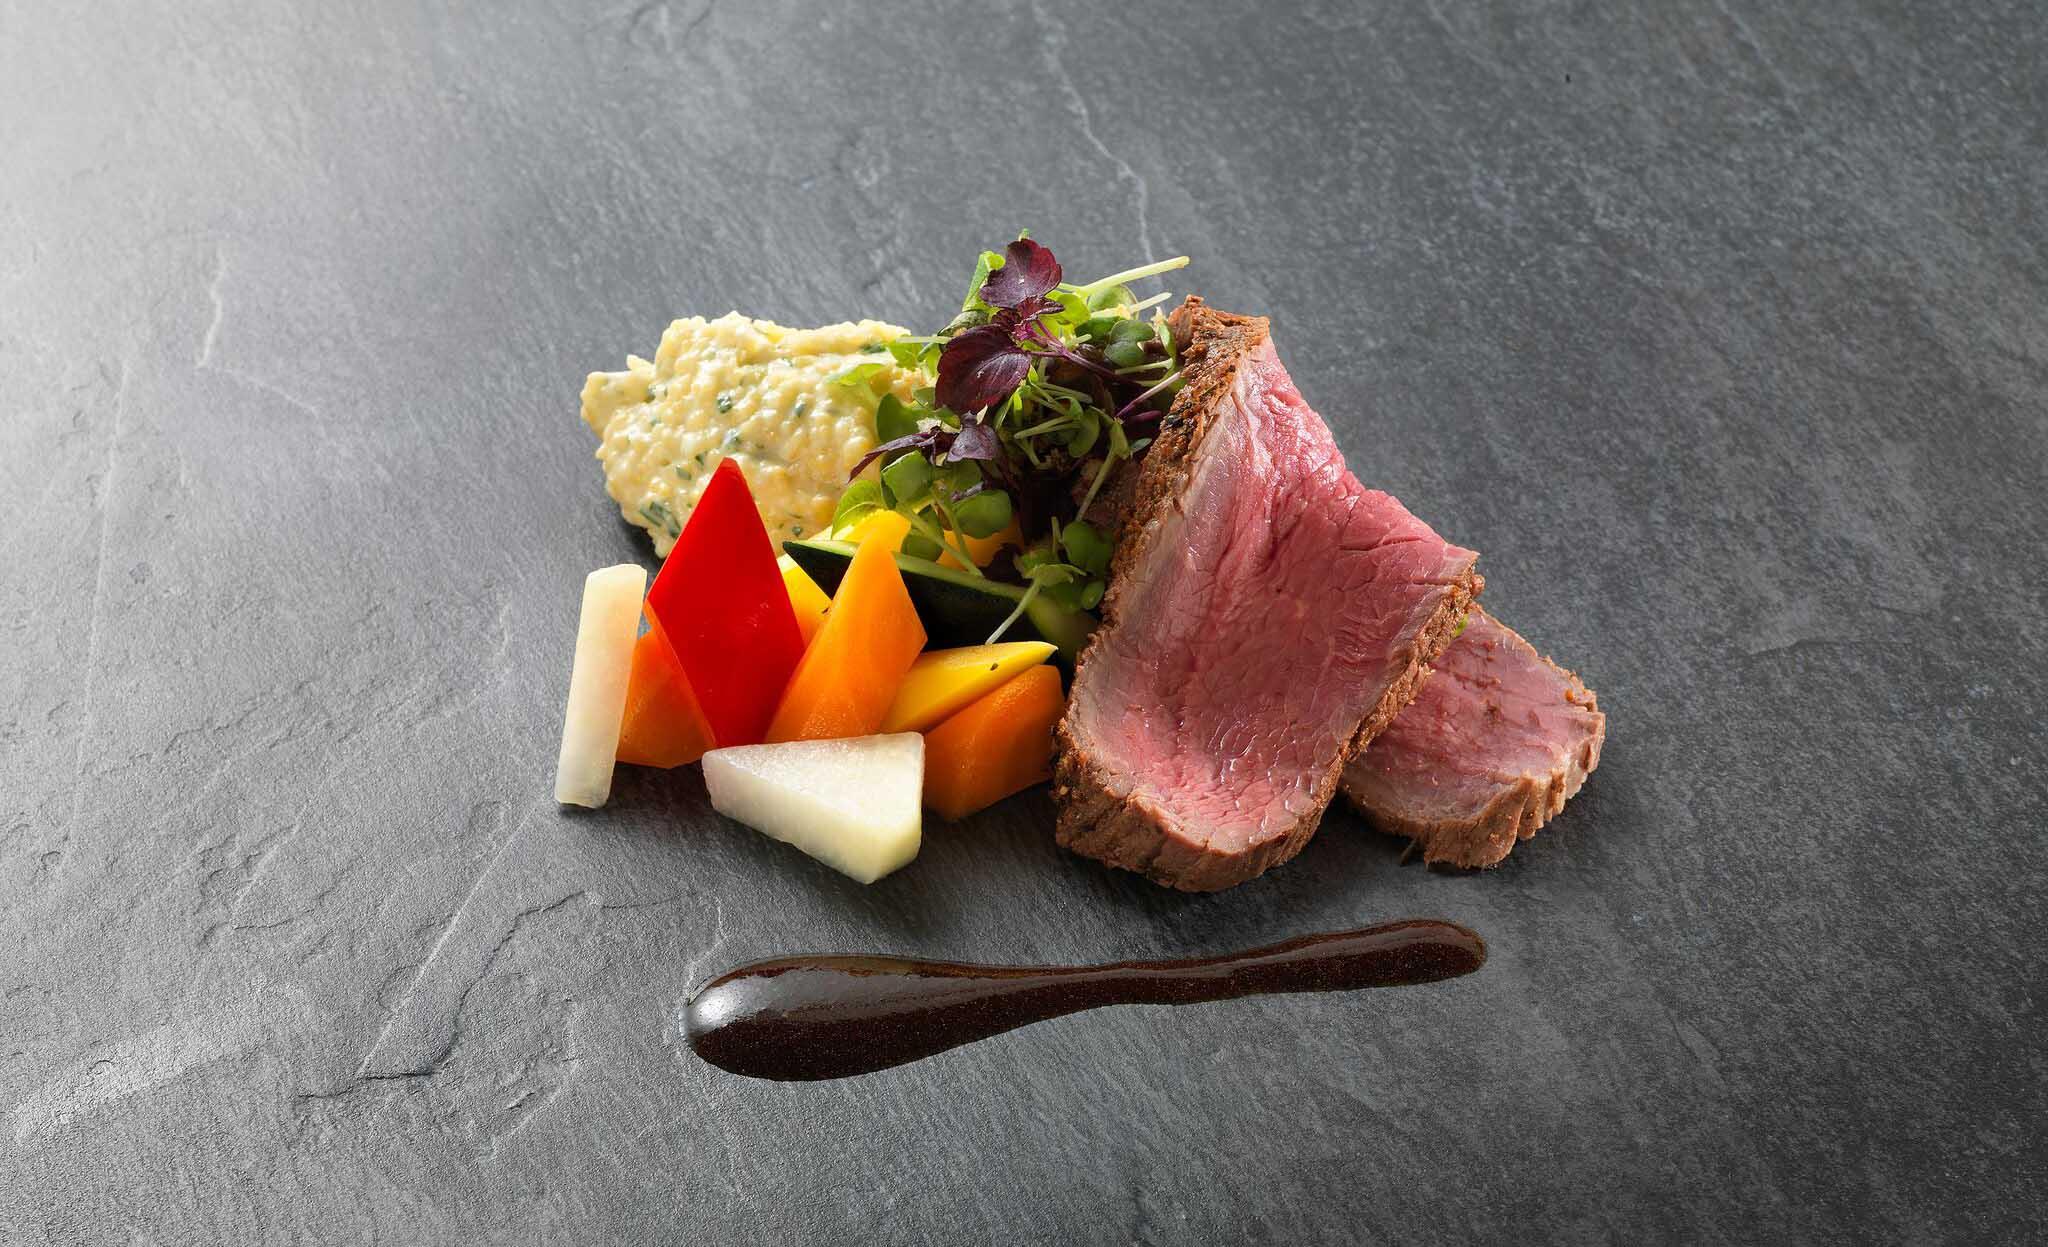 Seidl Premium Catering | Catering per il vostro matrimonio